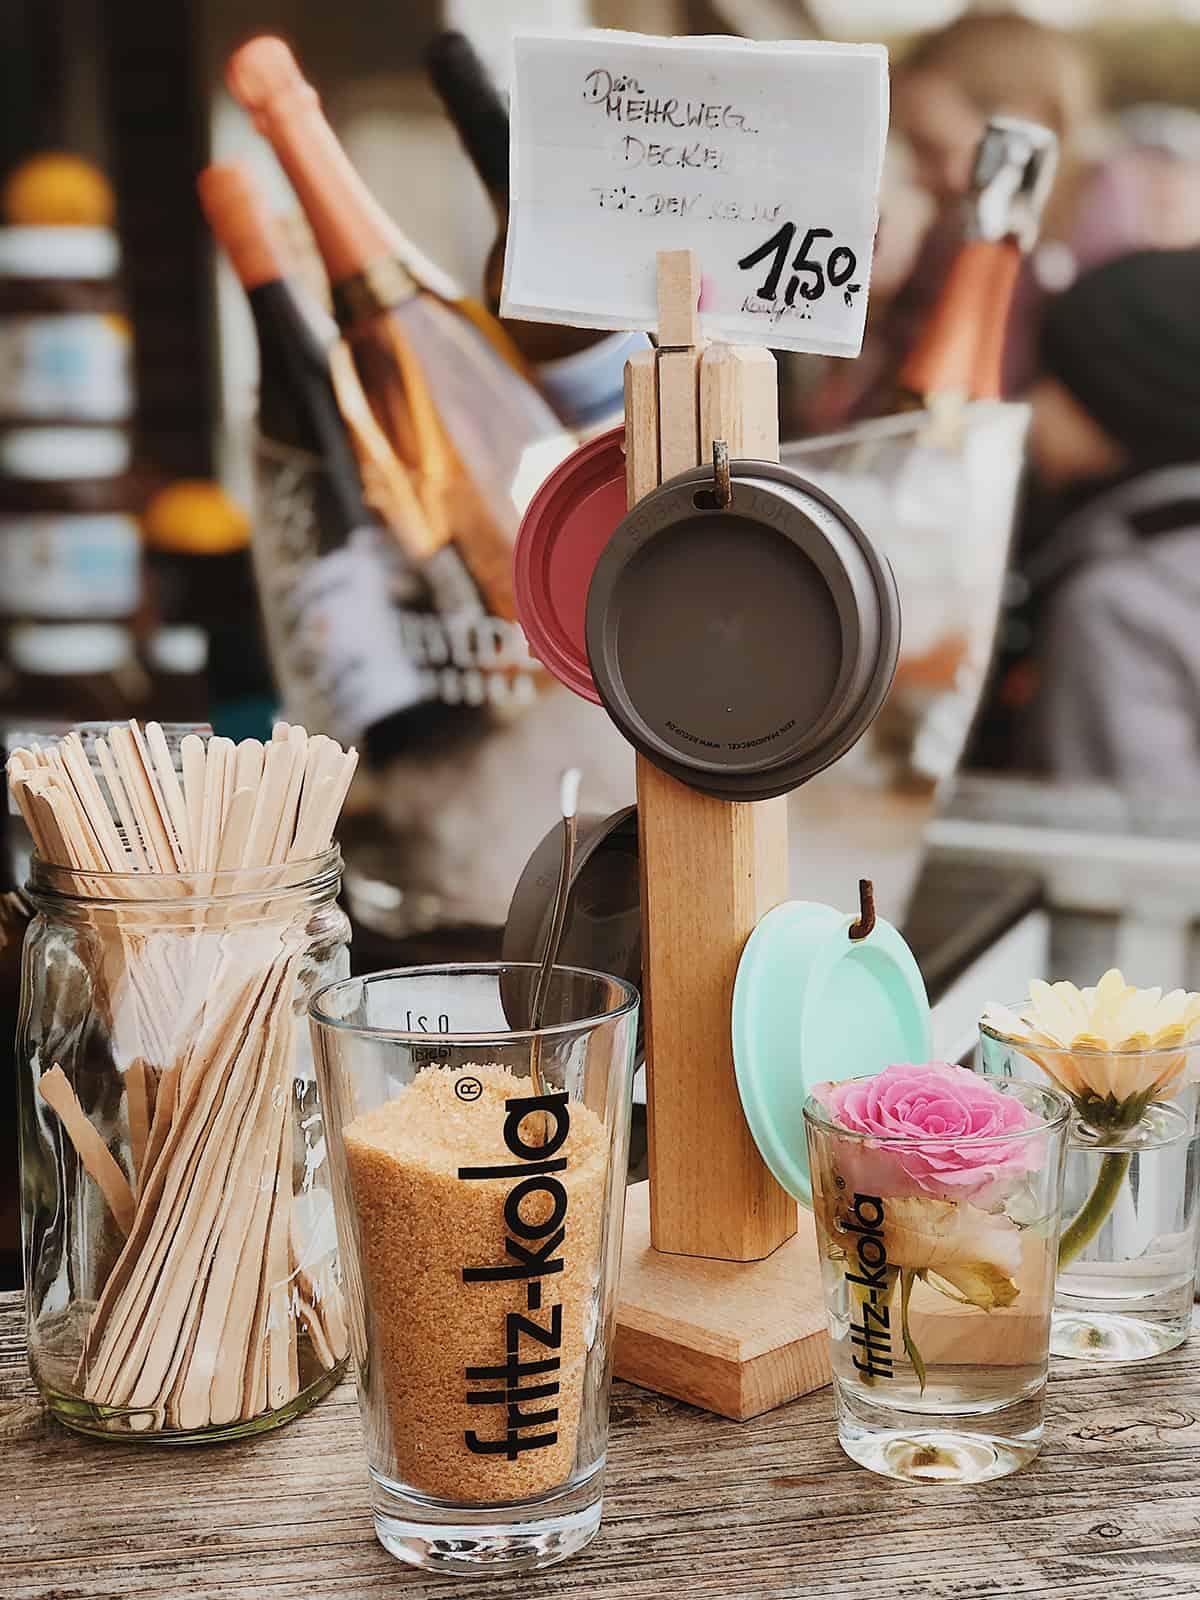 Bye Bye Plastik Sylt: RECUP Mehrweg Deckel für Coffee-to-go